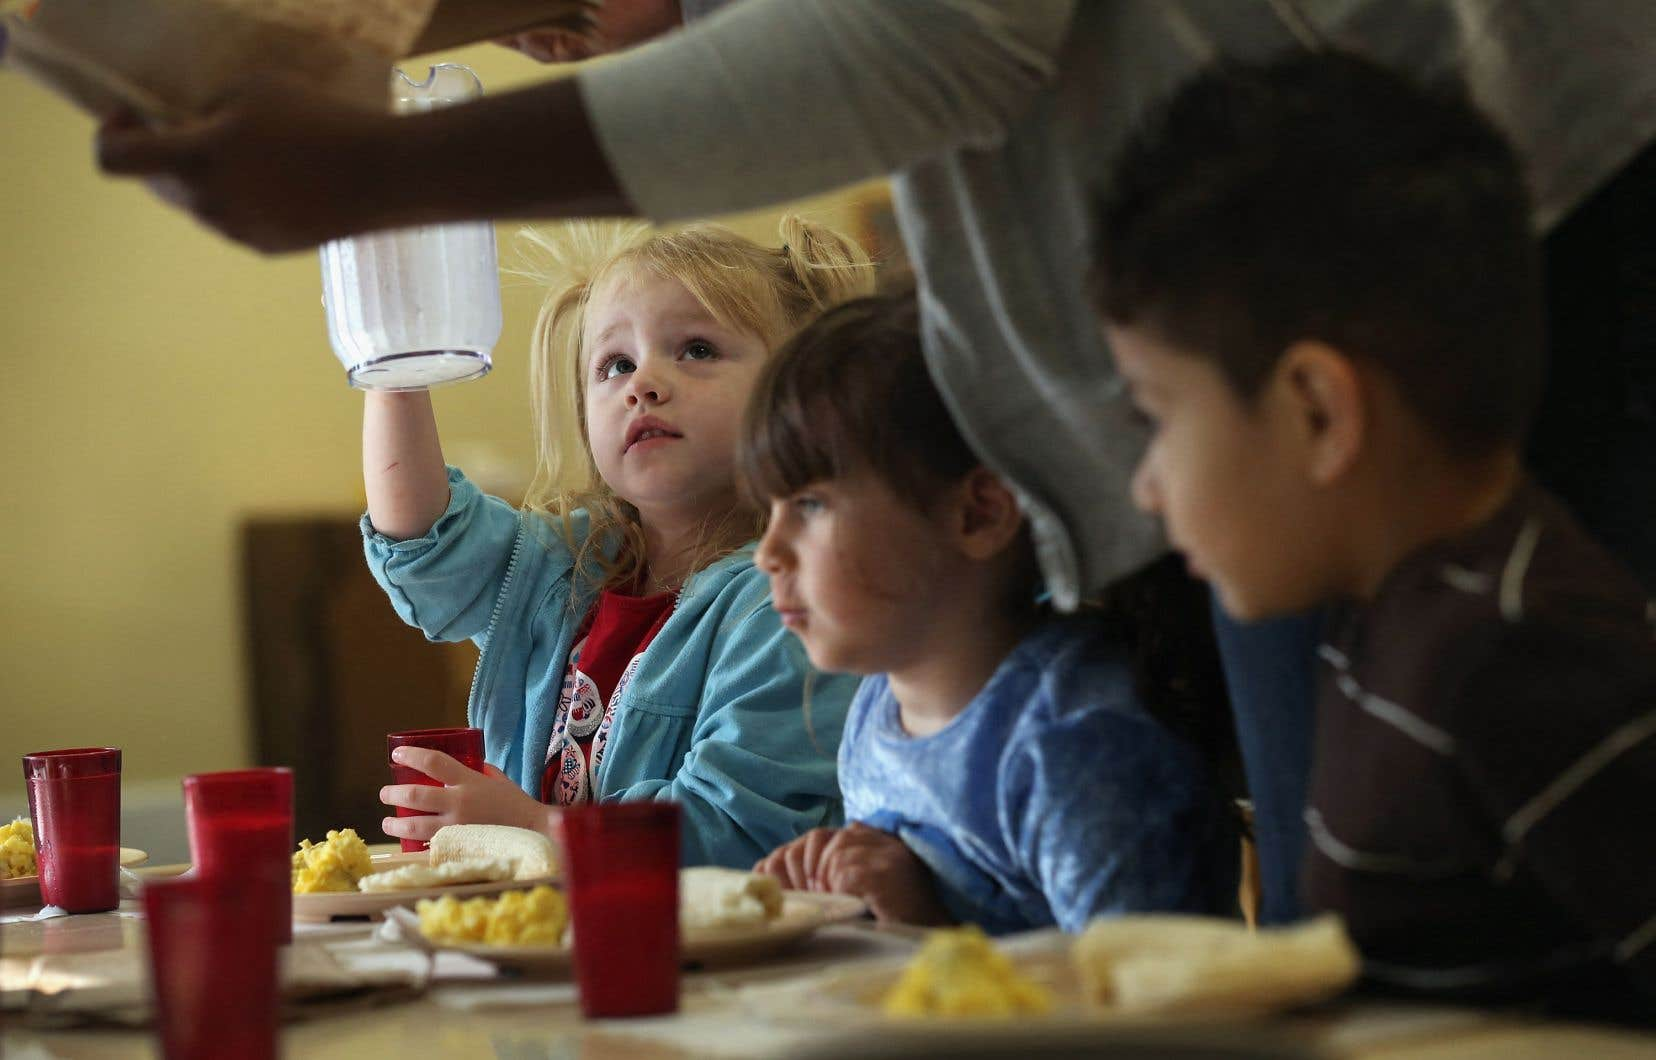 «En l'état actuel des choses, laisser des élèves de plus d'une classe manger ensemble dans des locaux vétustes mal aérés équivaut à les laisser volontairement se contaminer», écrit l'autrice.